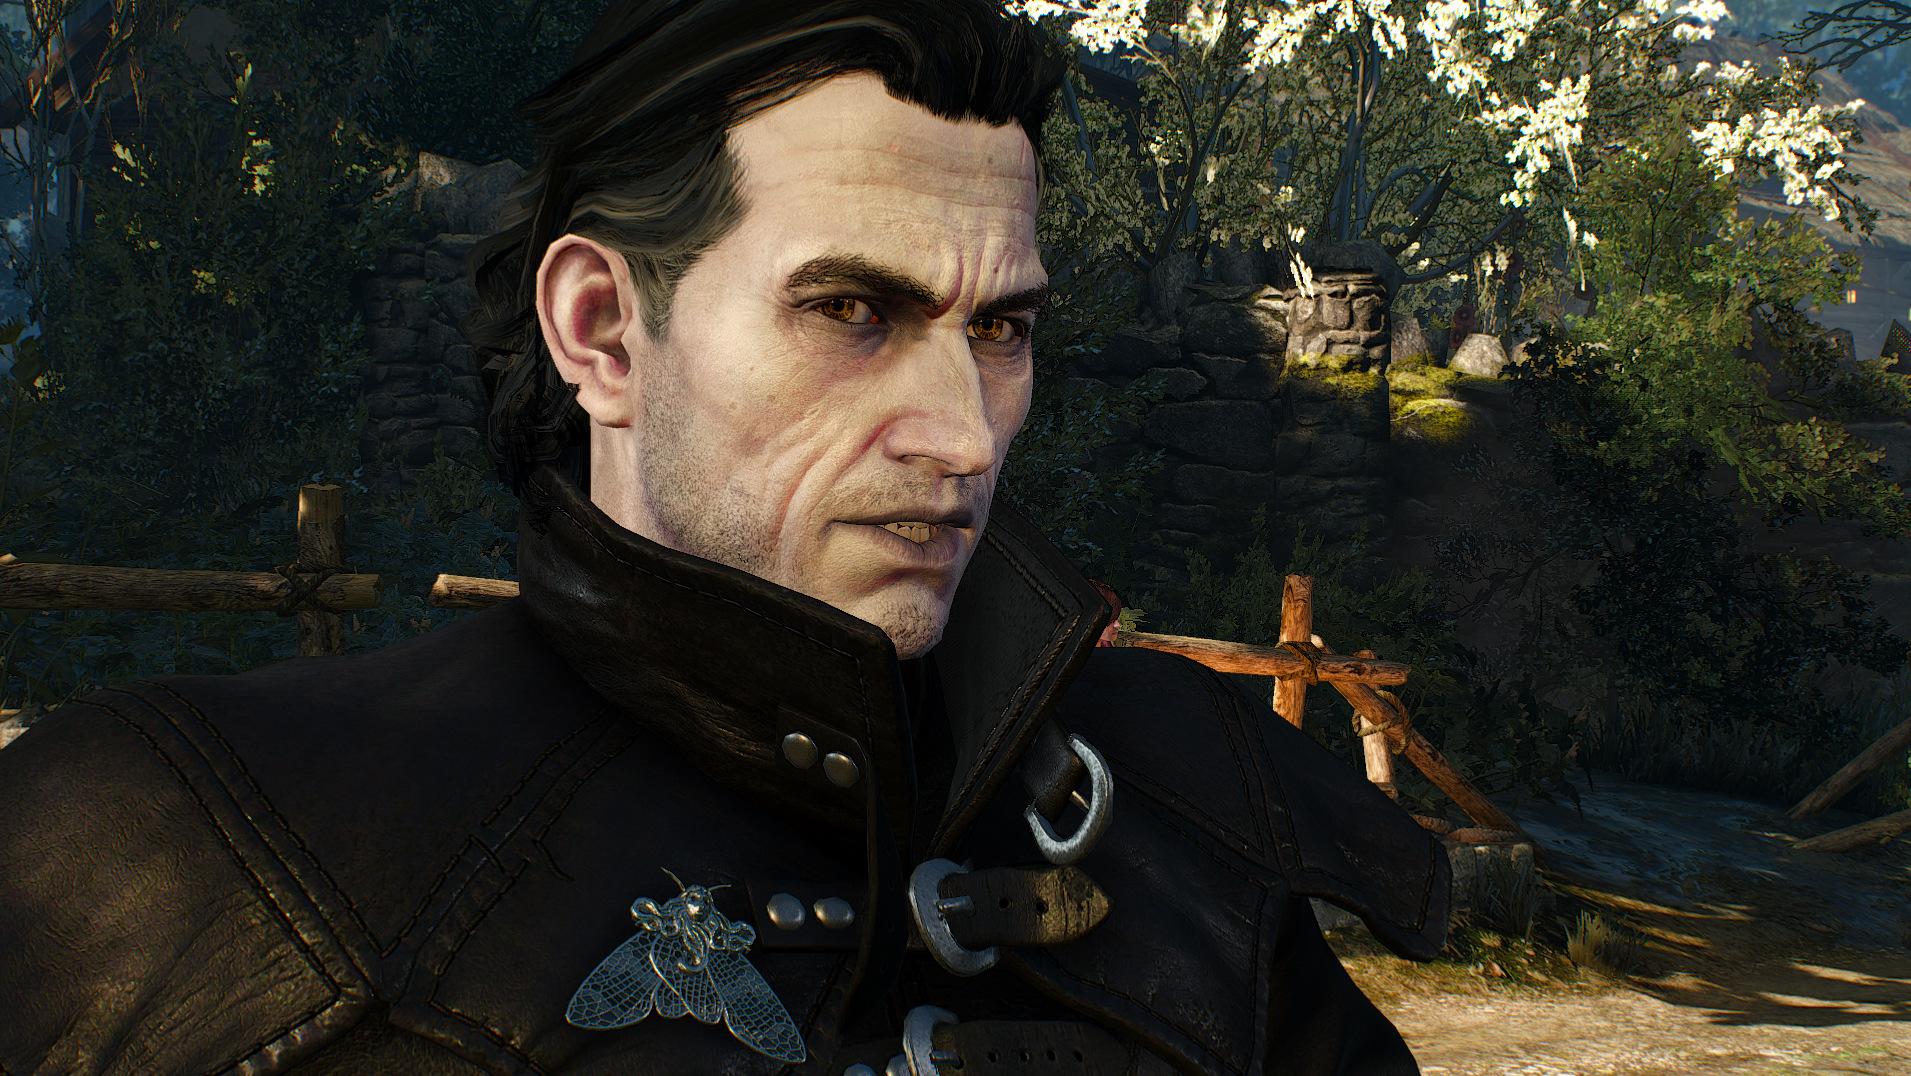 новый мод для «Ведьмак 3», целью которого стало улучшение глубины и детализации лиц множества персонажей - Witcher 3: Wild Hunt, the